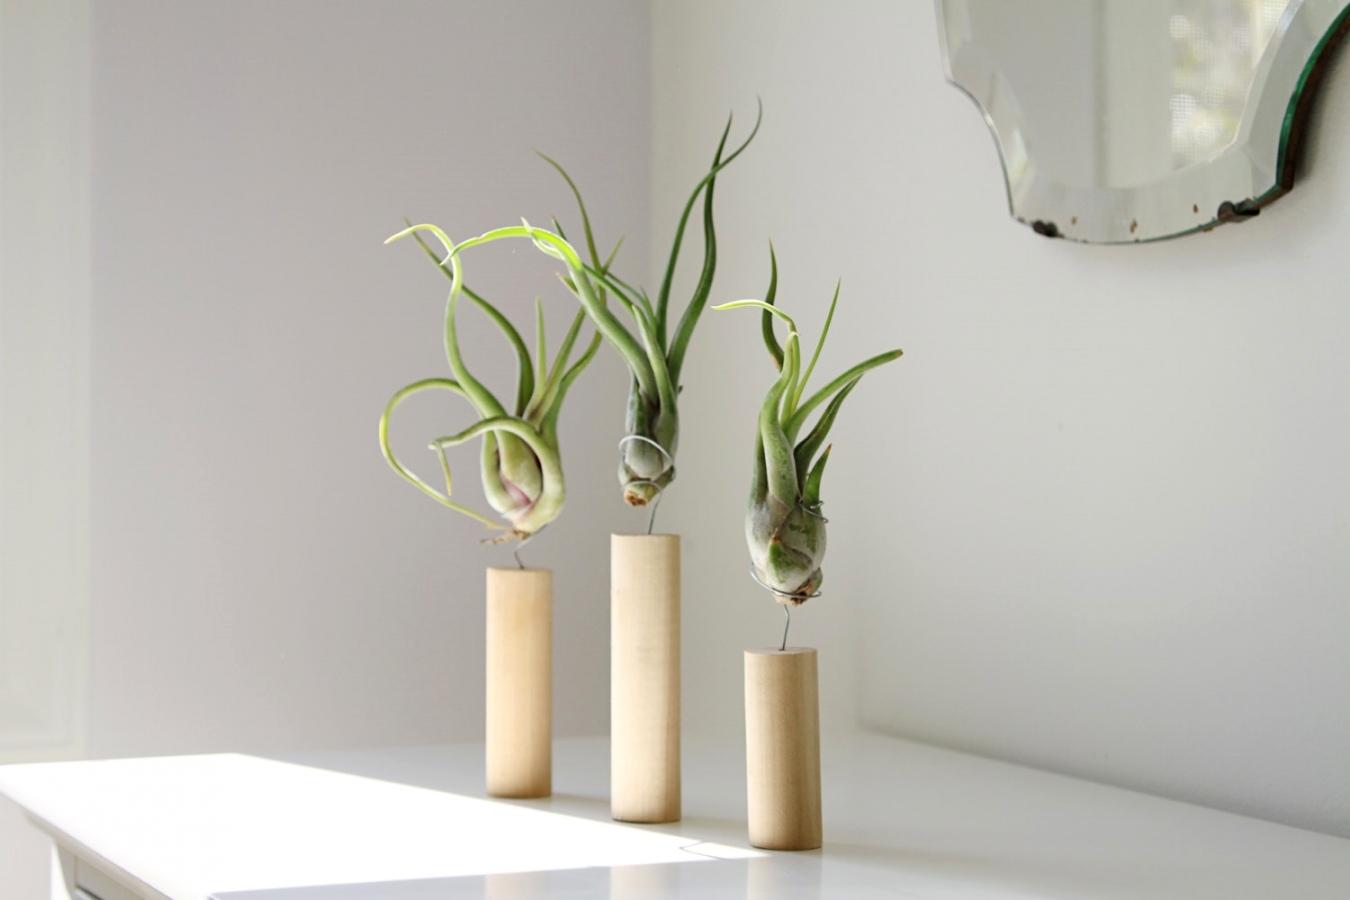 Атмосферные растения (тилландсия) DGxMDnvObhY